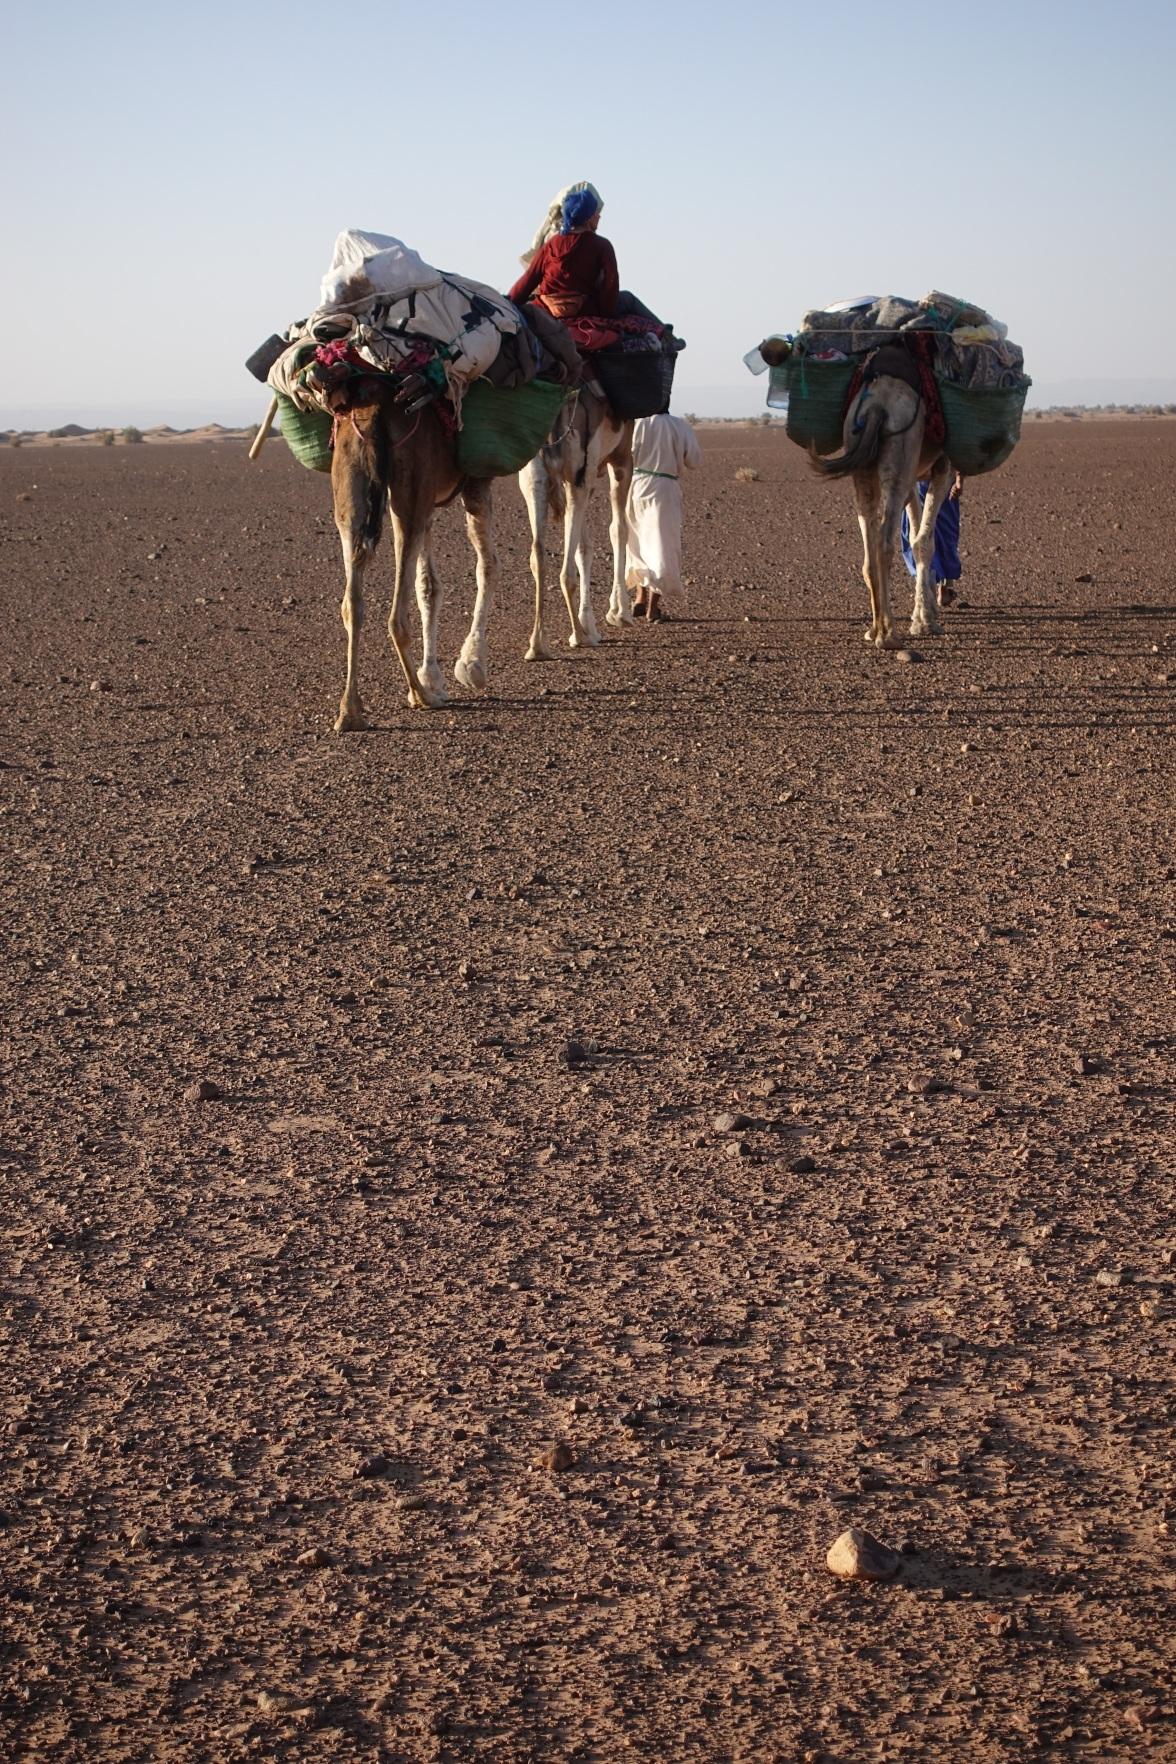 Sahara, Mhamid, Morocco